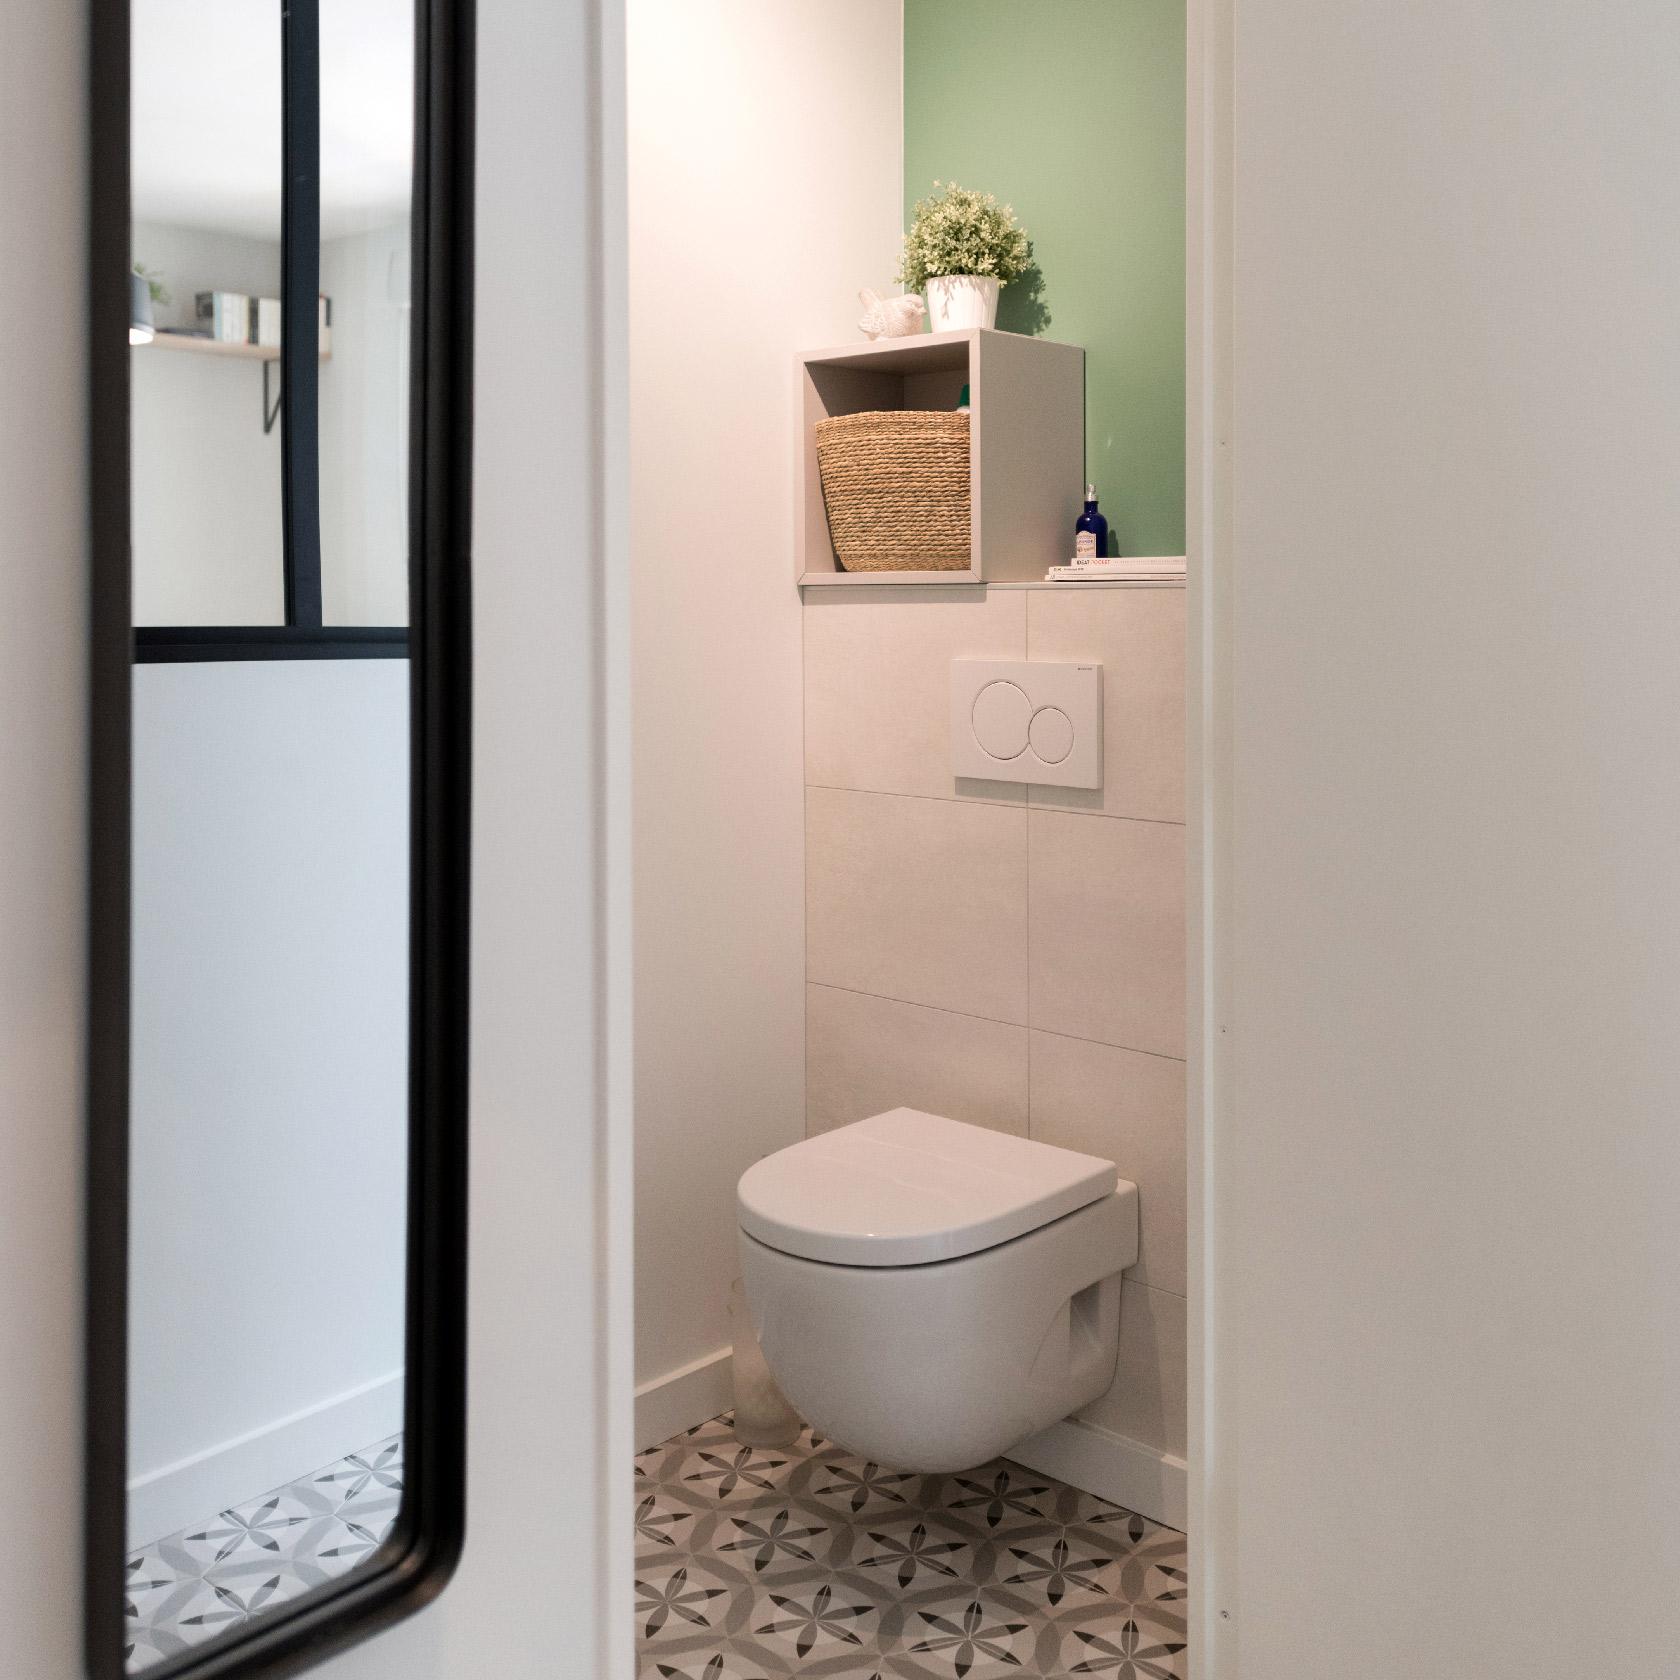 Le wc suspendu est carrelé tandis que l'arrière mur est peint en vert pour une touche de couleur. Une petite déco est posée sur la niche murale.